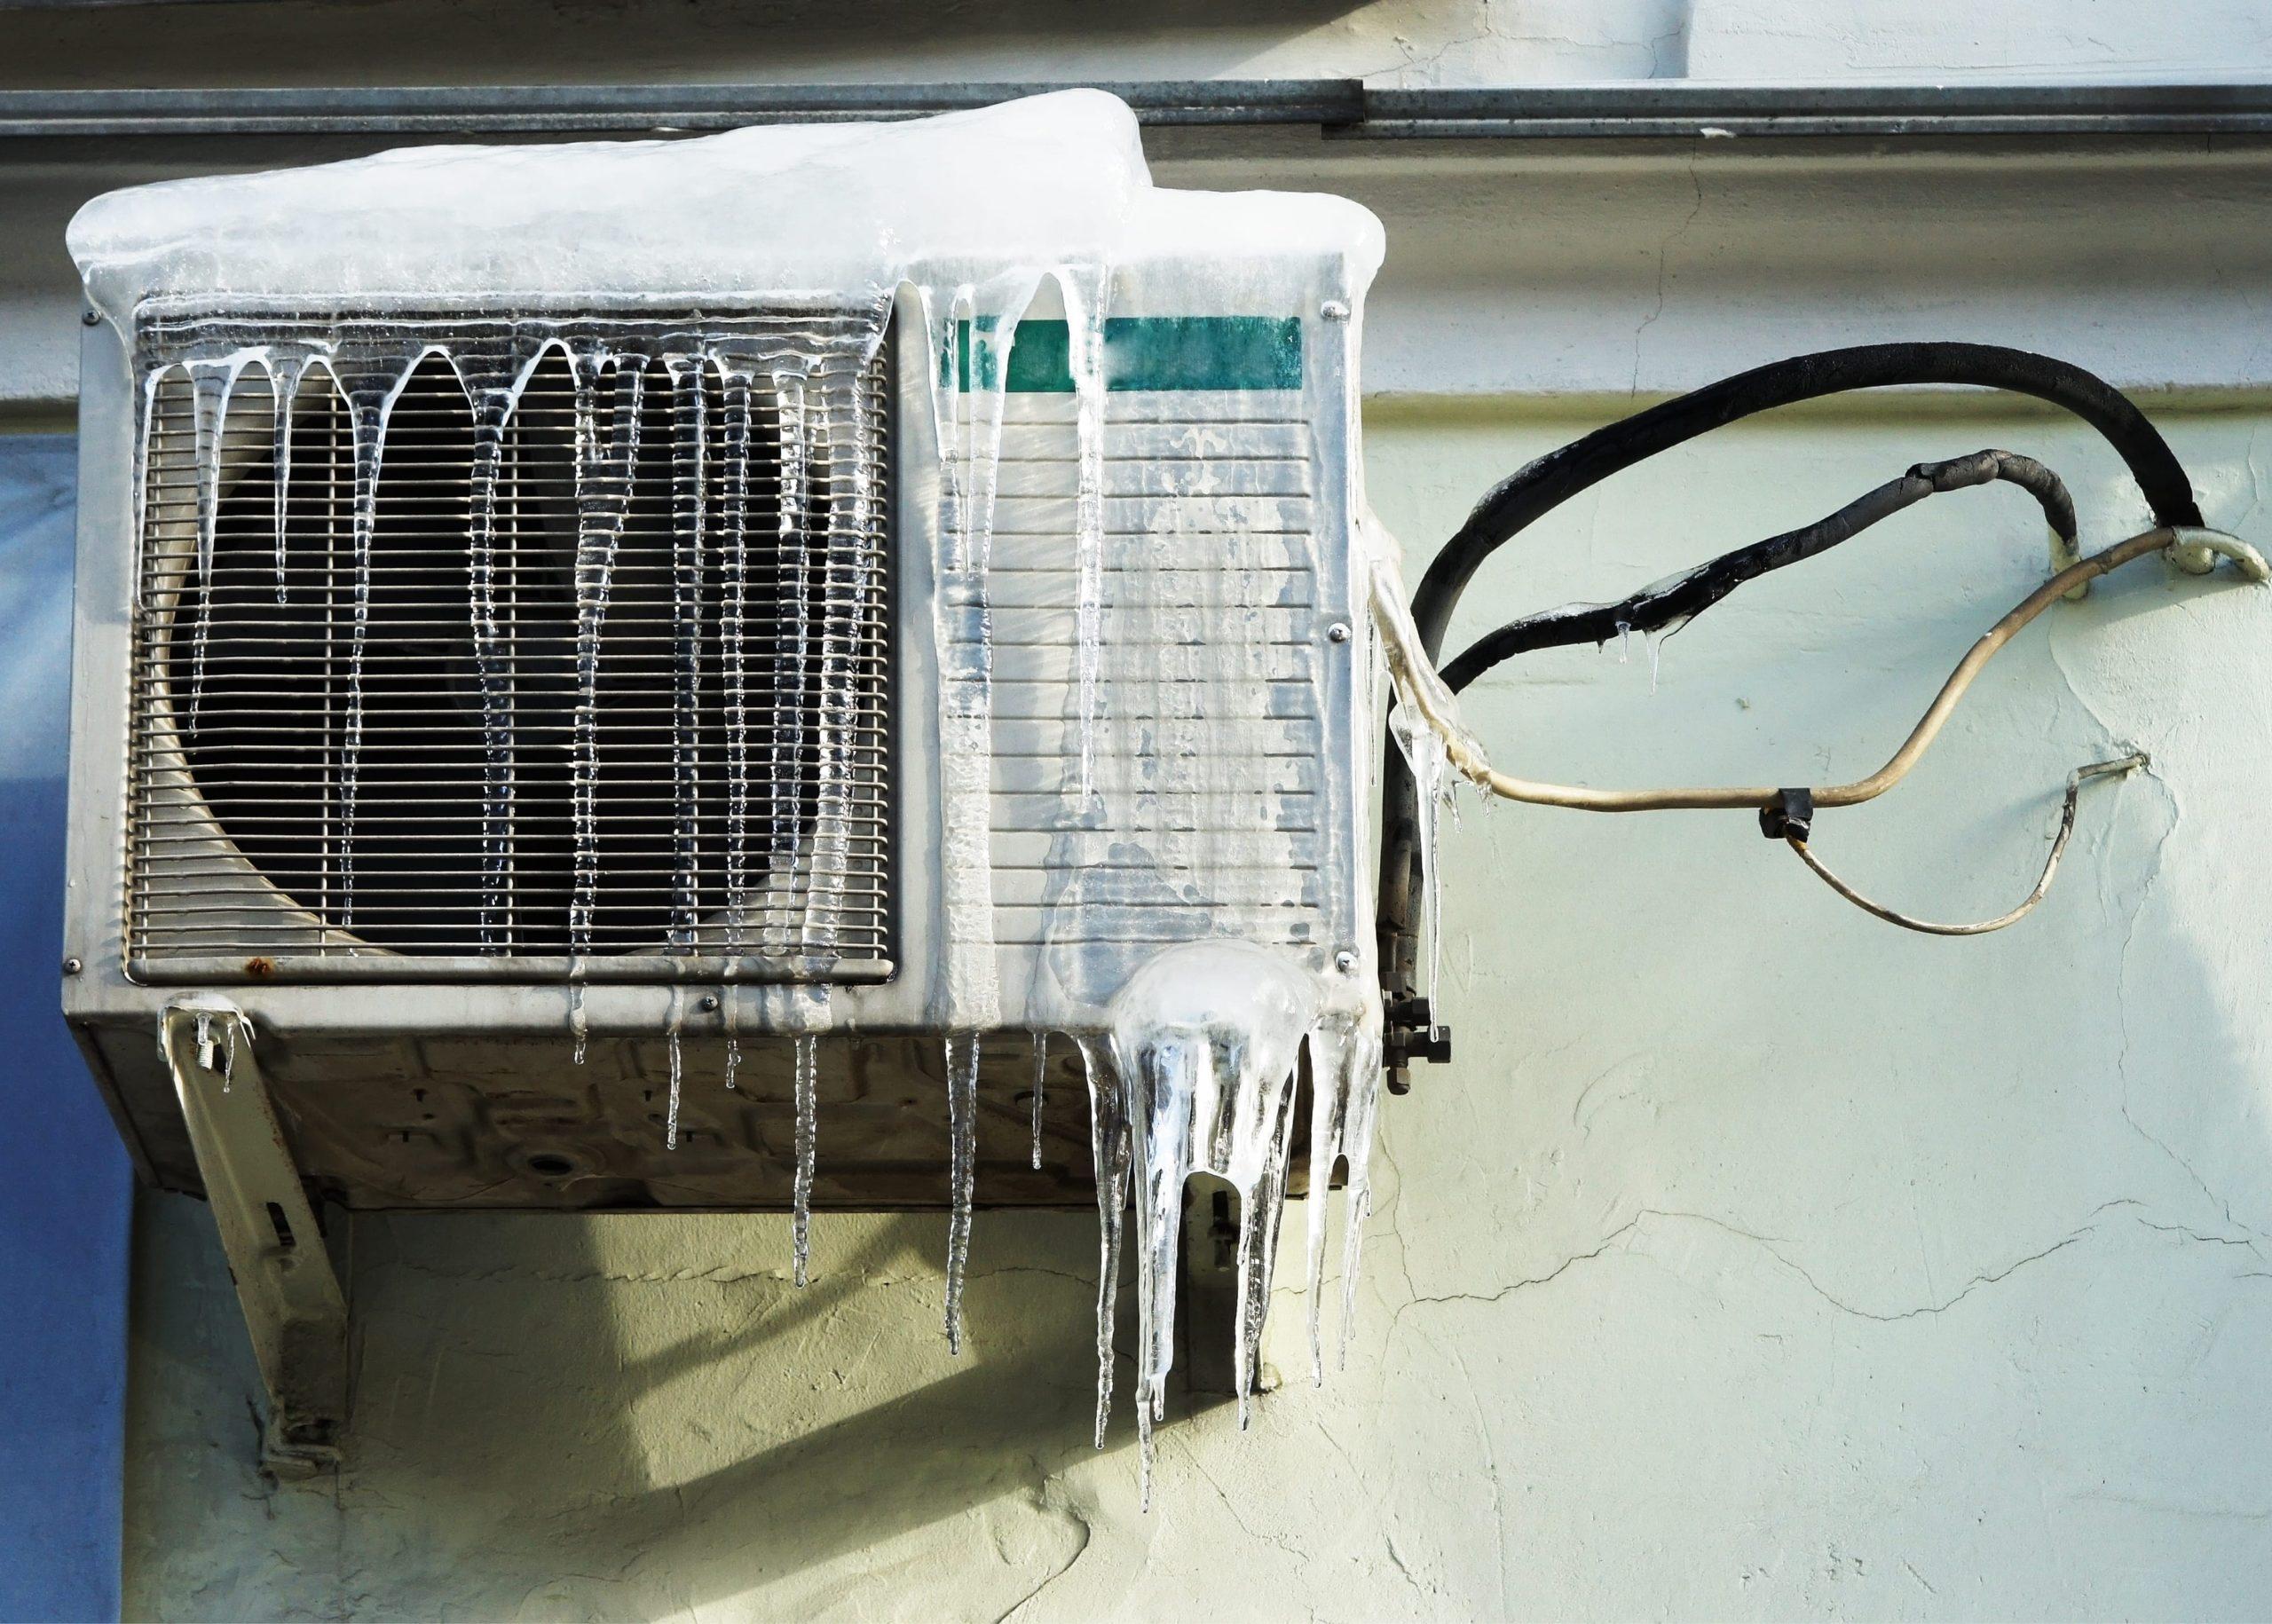 Как запустить кондиционер после зимы: рекомендации по уходу за кондиционером после морозов